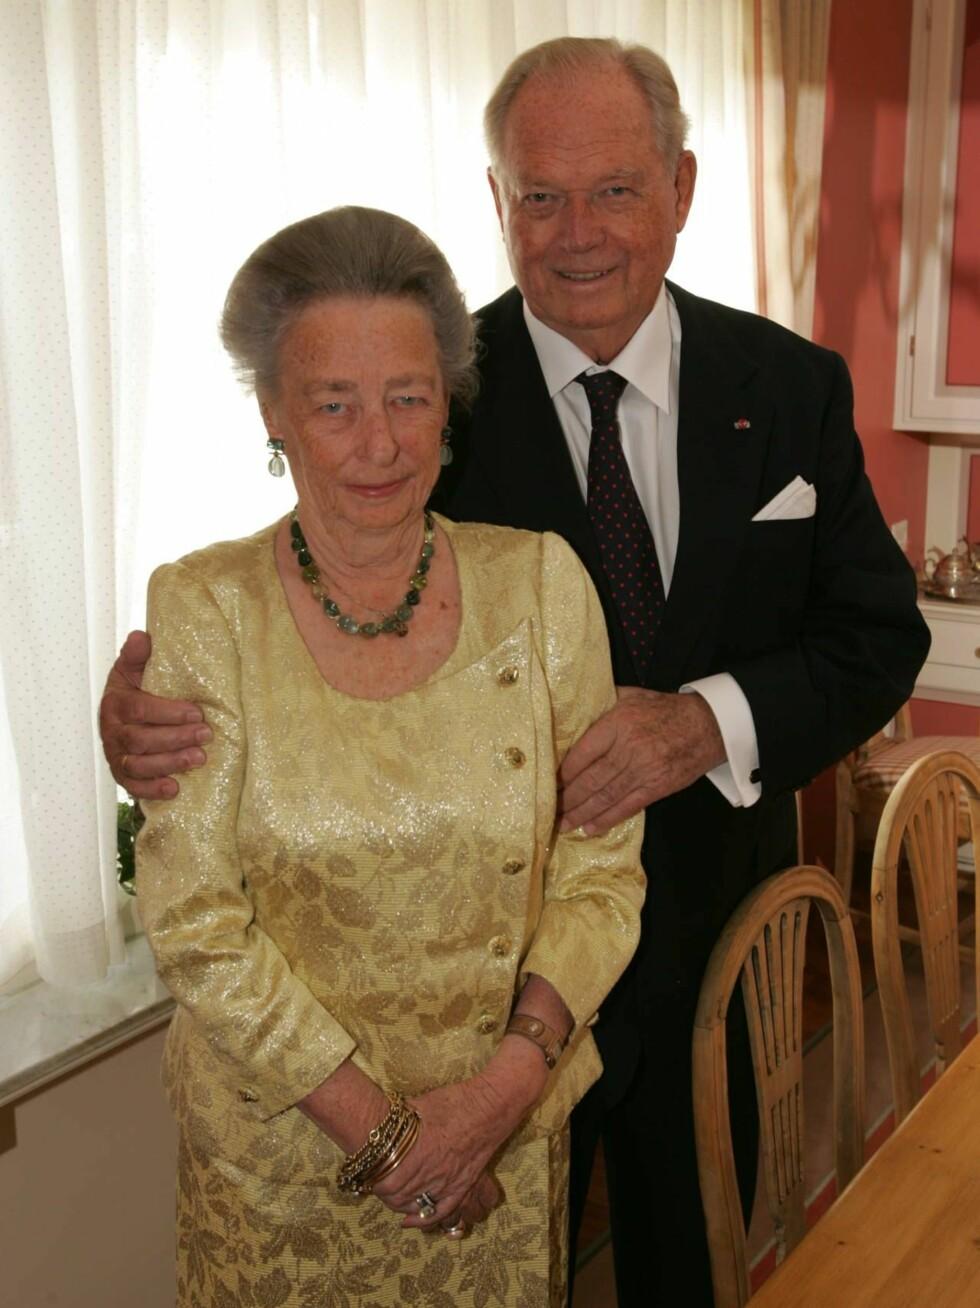 OPPSKAKET: Prinsesse Ragnhild står fortsatt ved sin manns side. Foto: Se og Hør, Tor Kvello